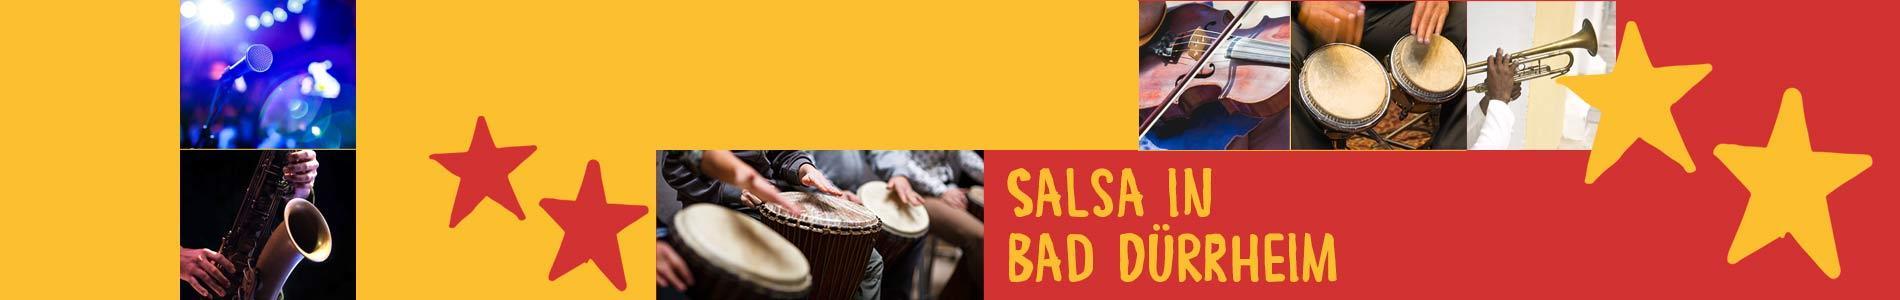 Salsa in Bad Dürrheim – Salsa lernen und tanzen, Tanzkurse, Partys, Veranstaltungen